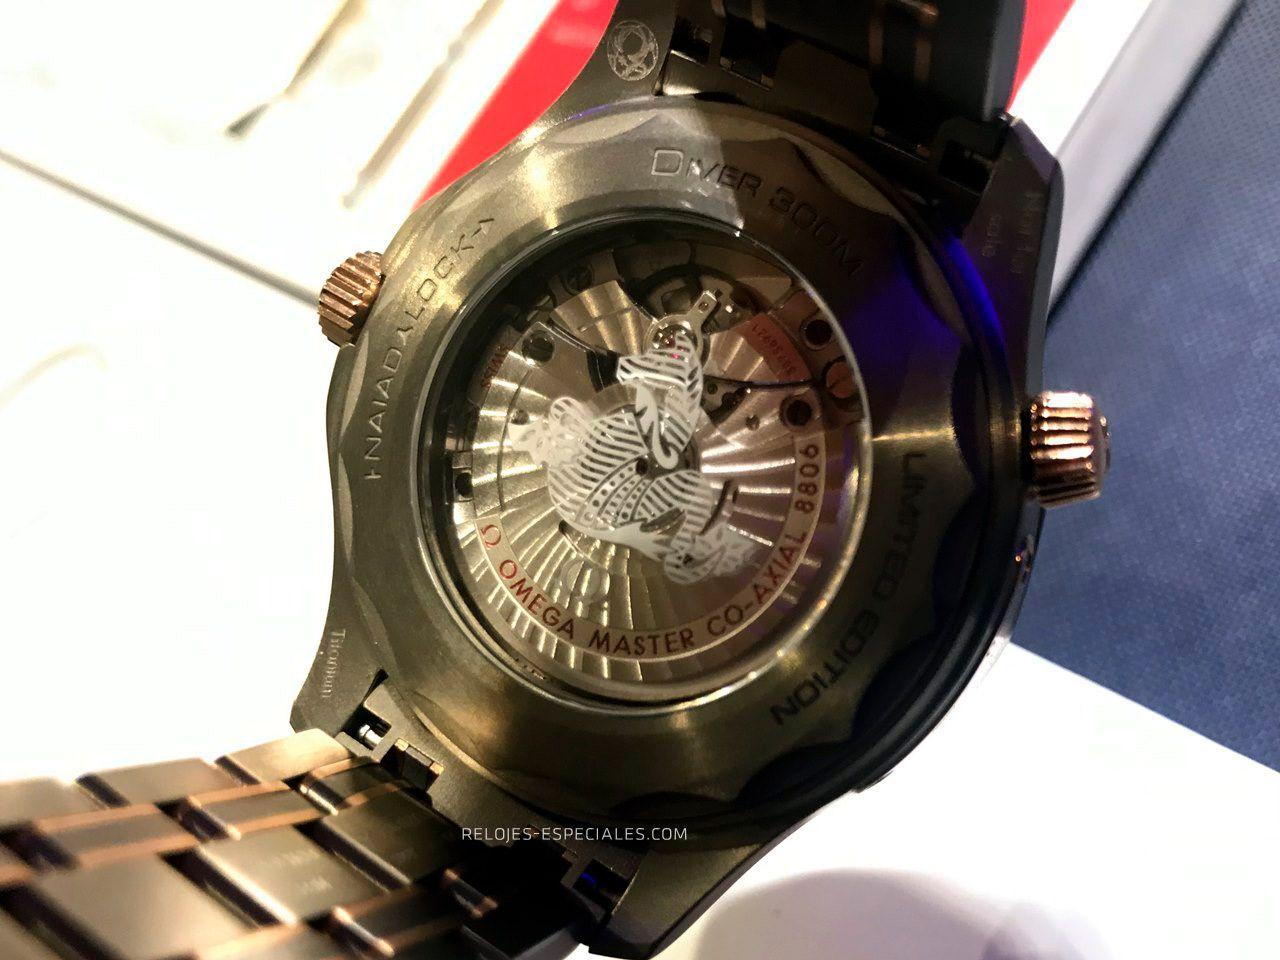 Revisión del Omega Seamaster Professional 300m en Relojes Especiales